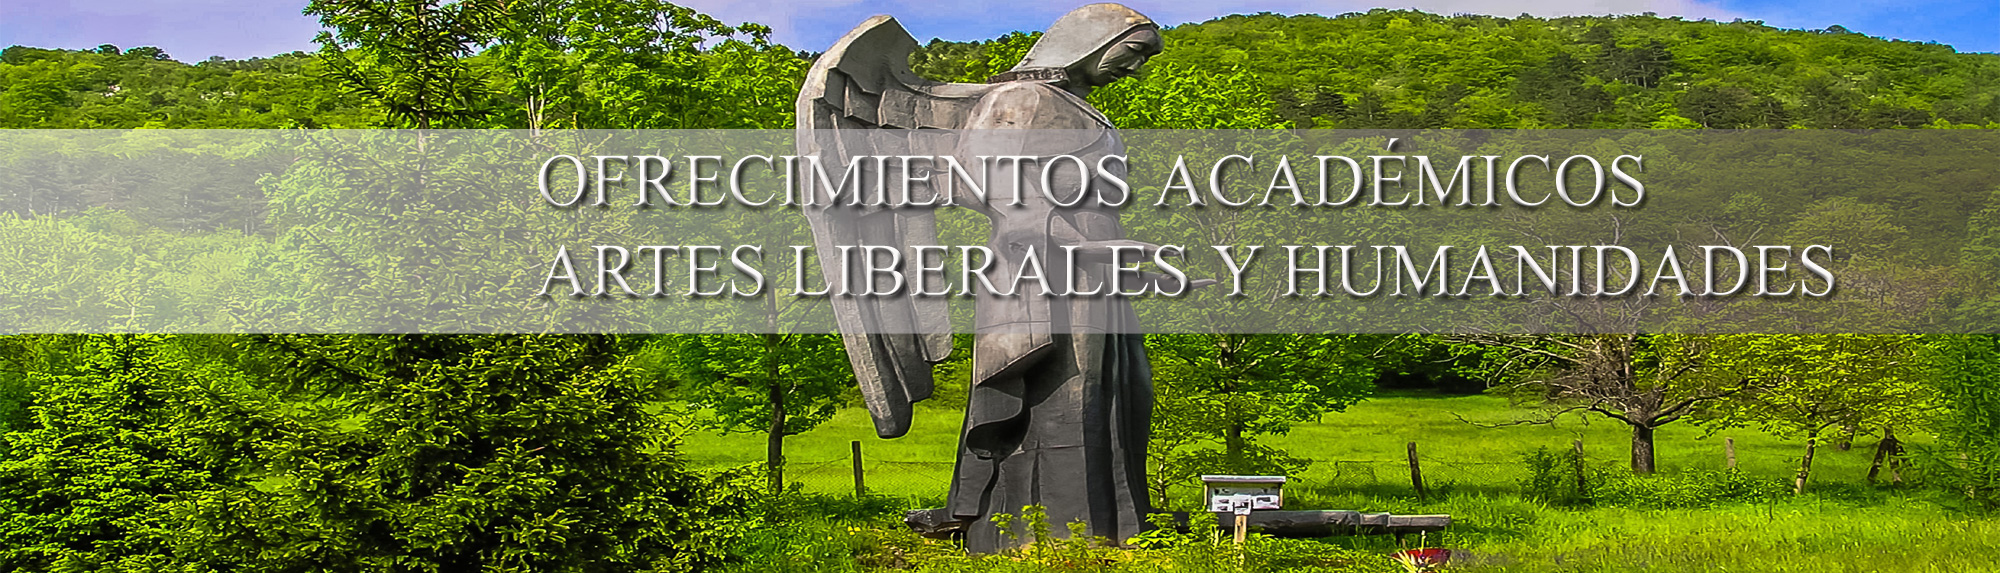 humanidades_grados